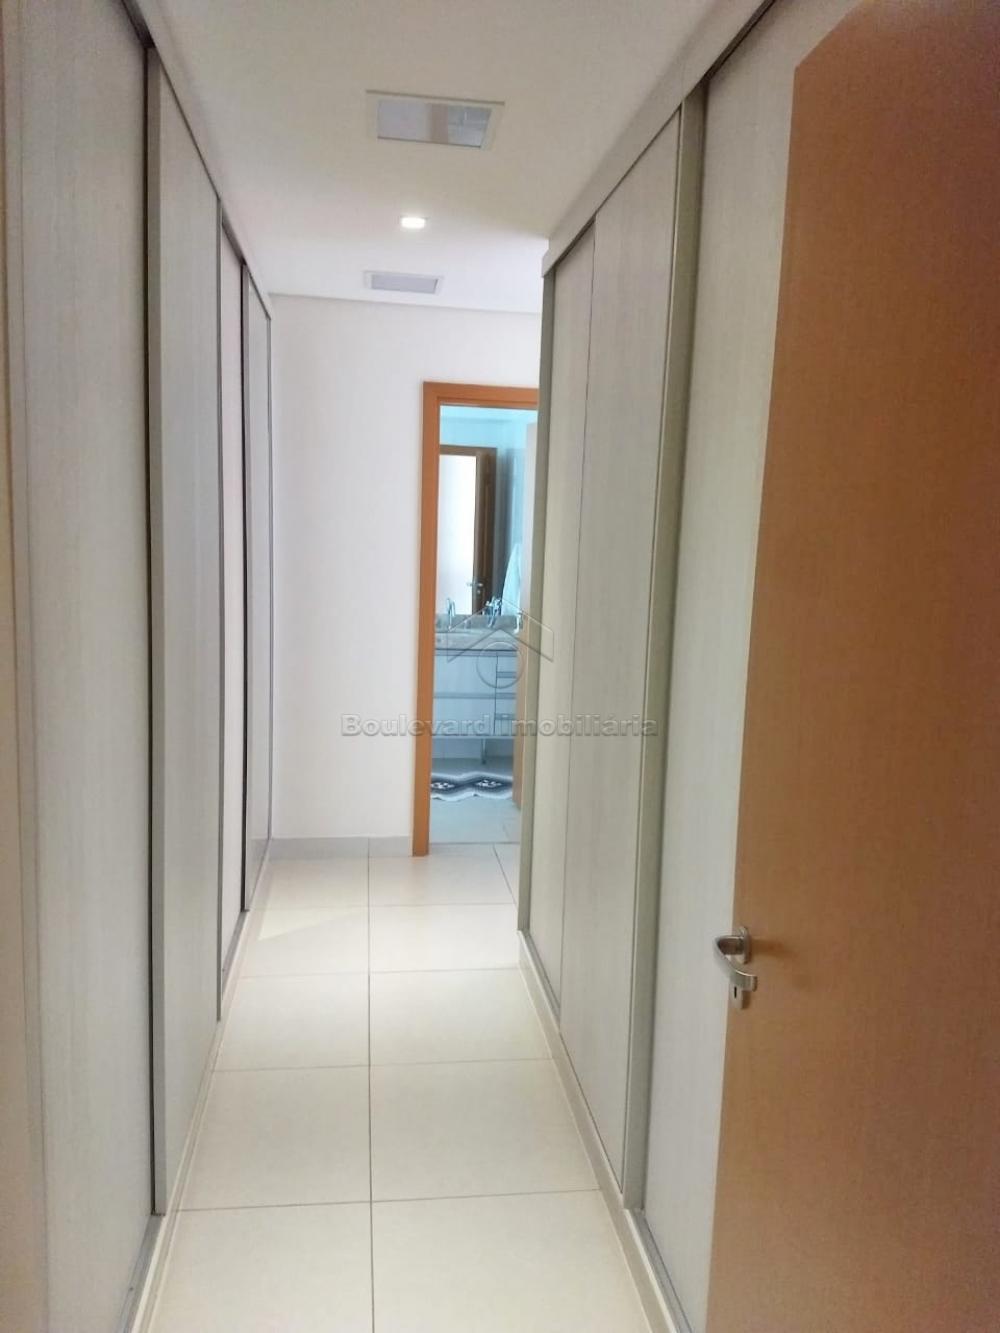 Alugar Apartamento / Padrão em Ribeirão Preto R$ 5.500,00 - Foto 12